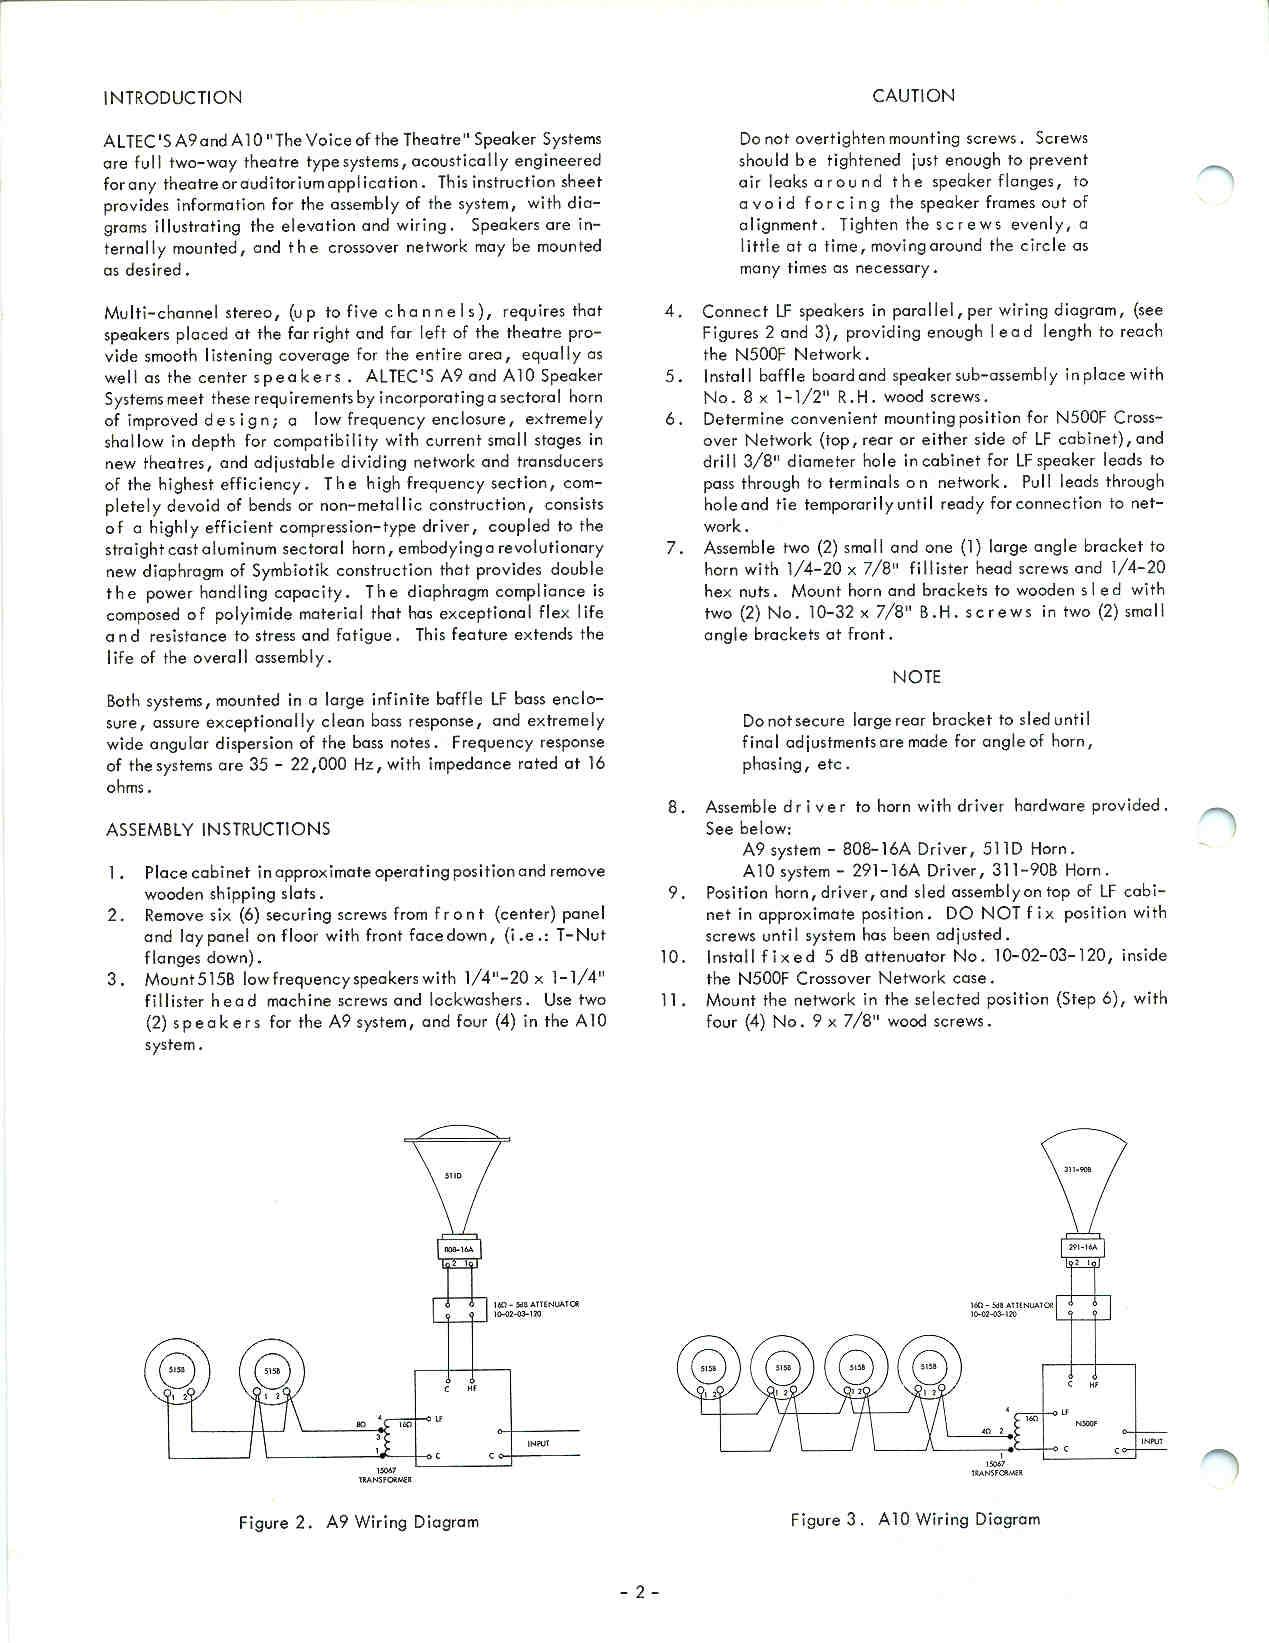 Harman Kardon Hk595 Wiring Diagram